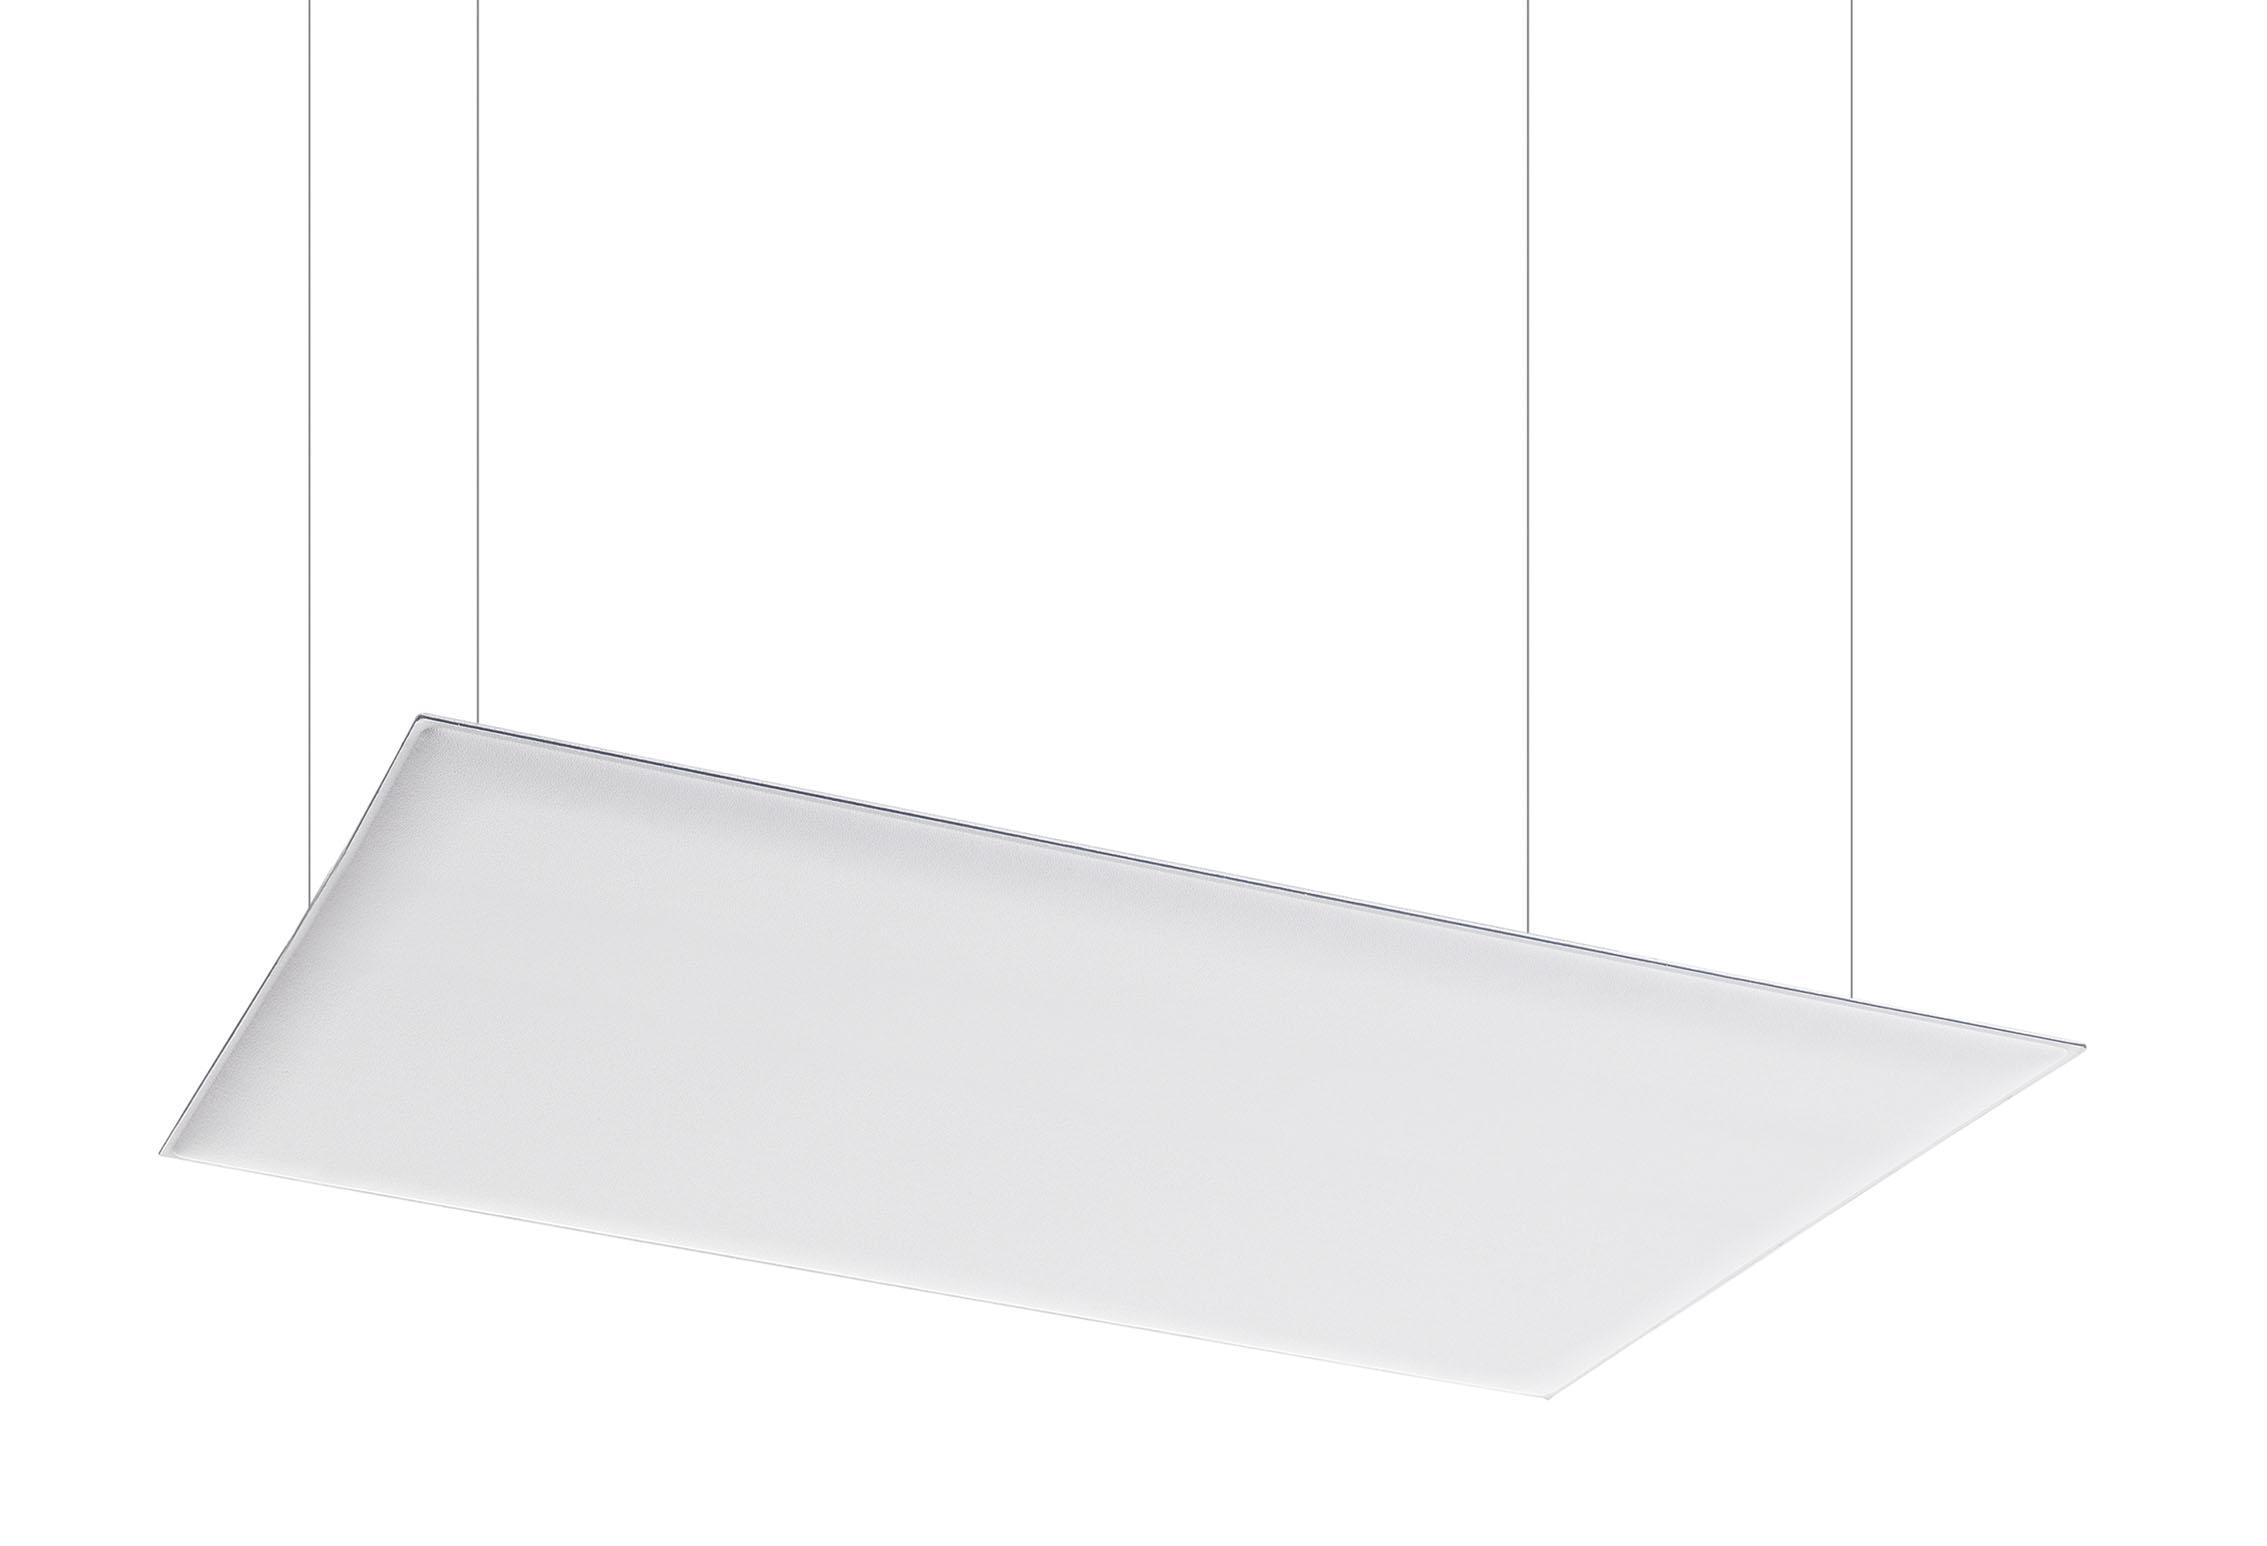 Caimi Oversize Ceiling &  Oversize Ceiling Cables - Gamme de panneaux acoustiques plafond